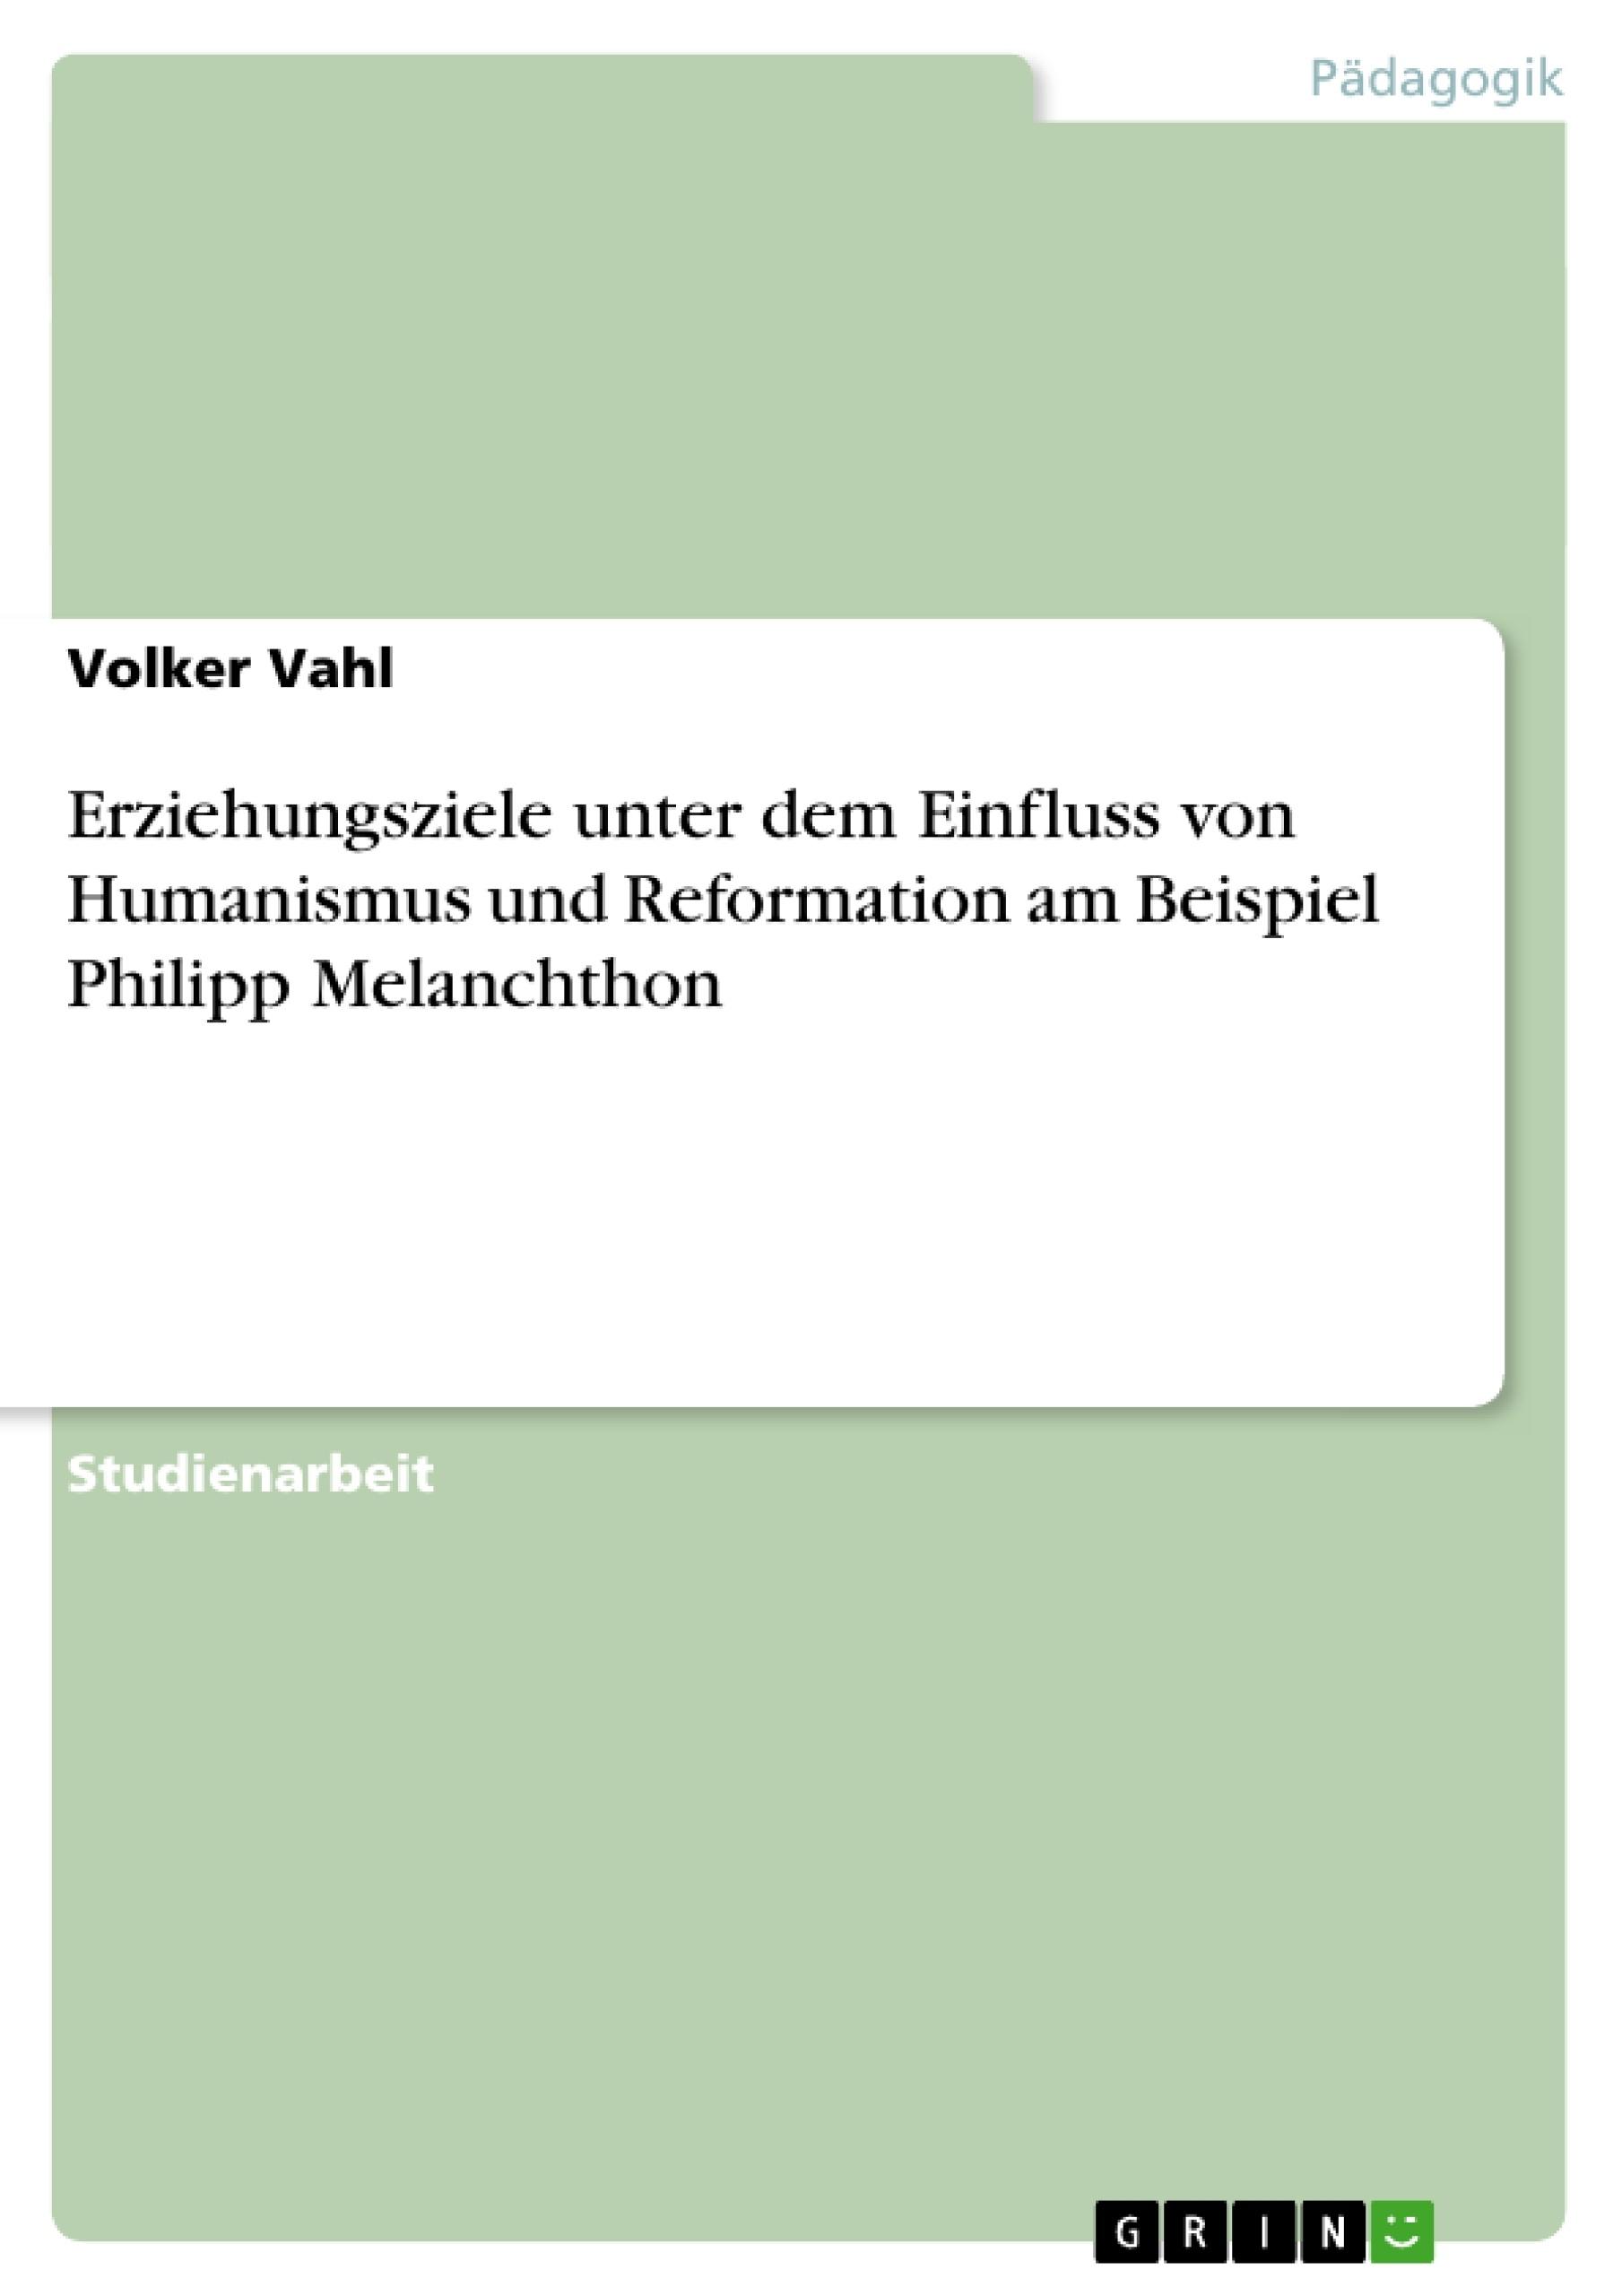 Titel: Erziehungsziele unter dem Einfluss von Humanismus und Reformation am Beispiel Philipp Melanchthon